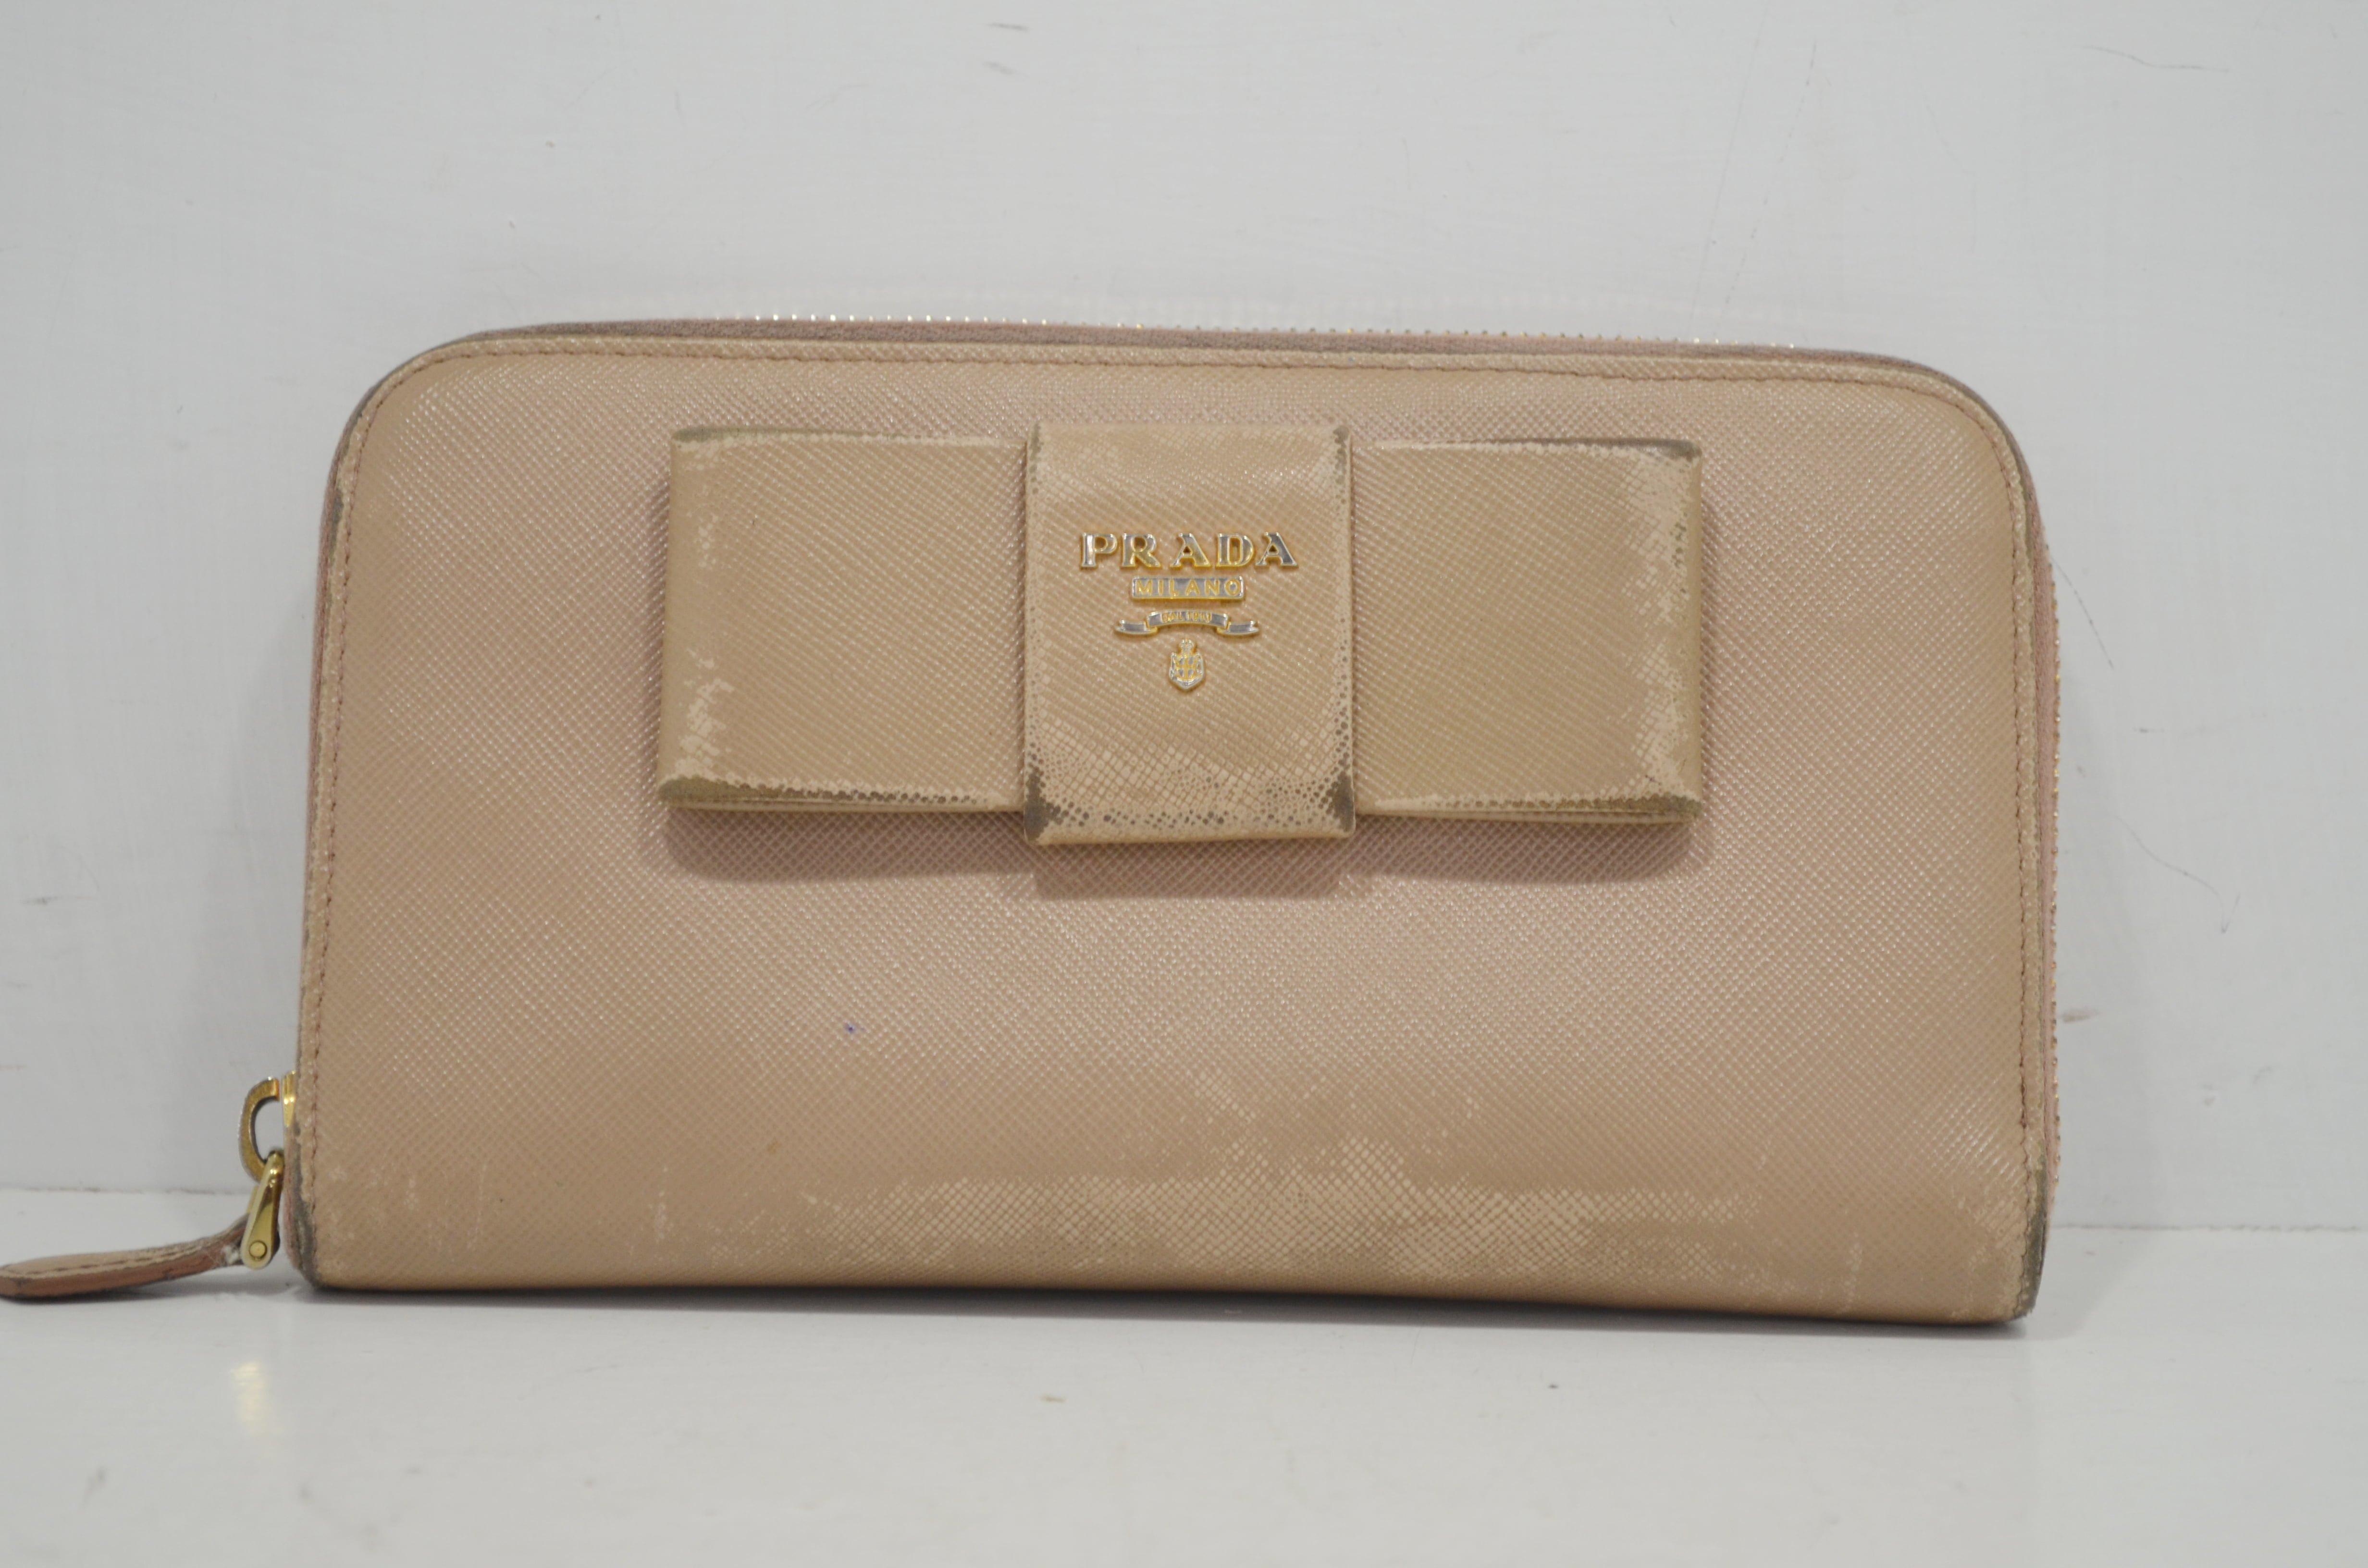 プラダ(PRADA)の財布のクリーニング作業例ークリーニング前